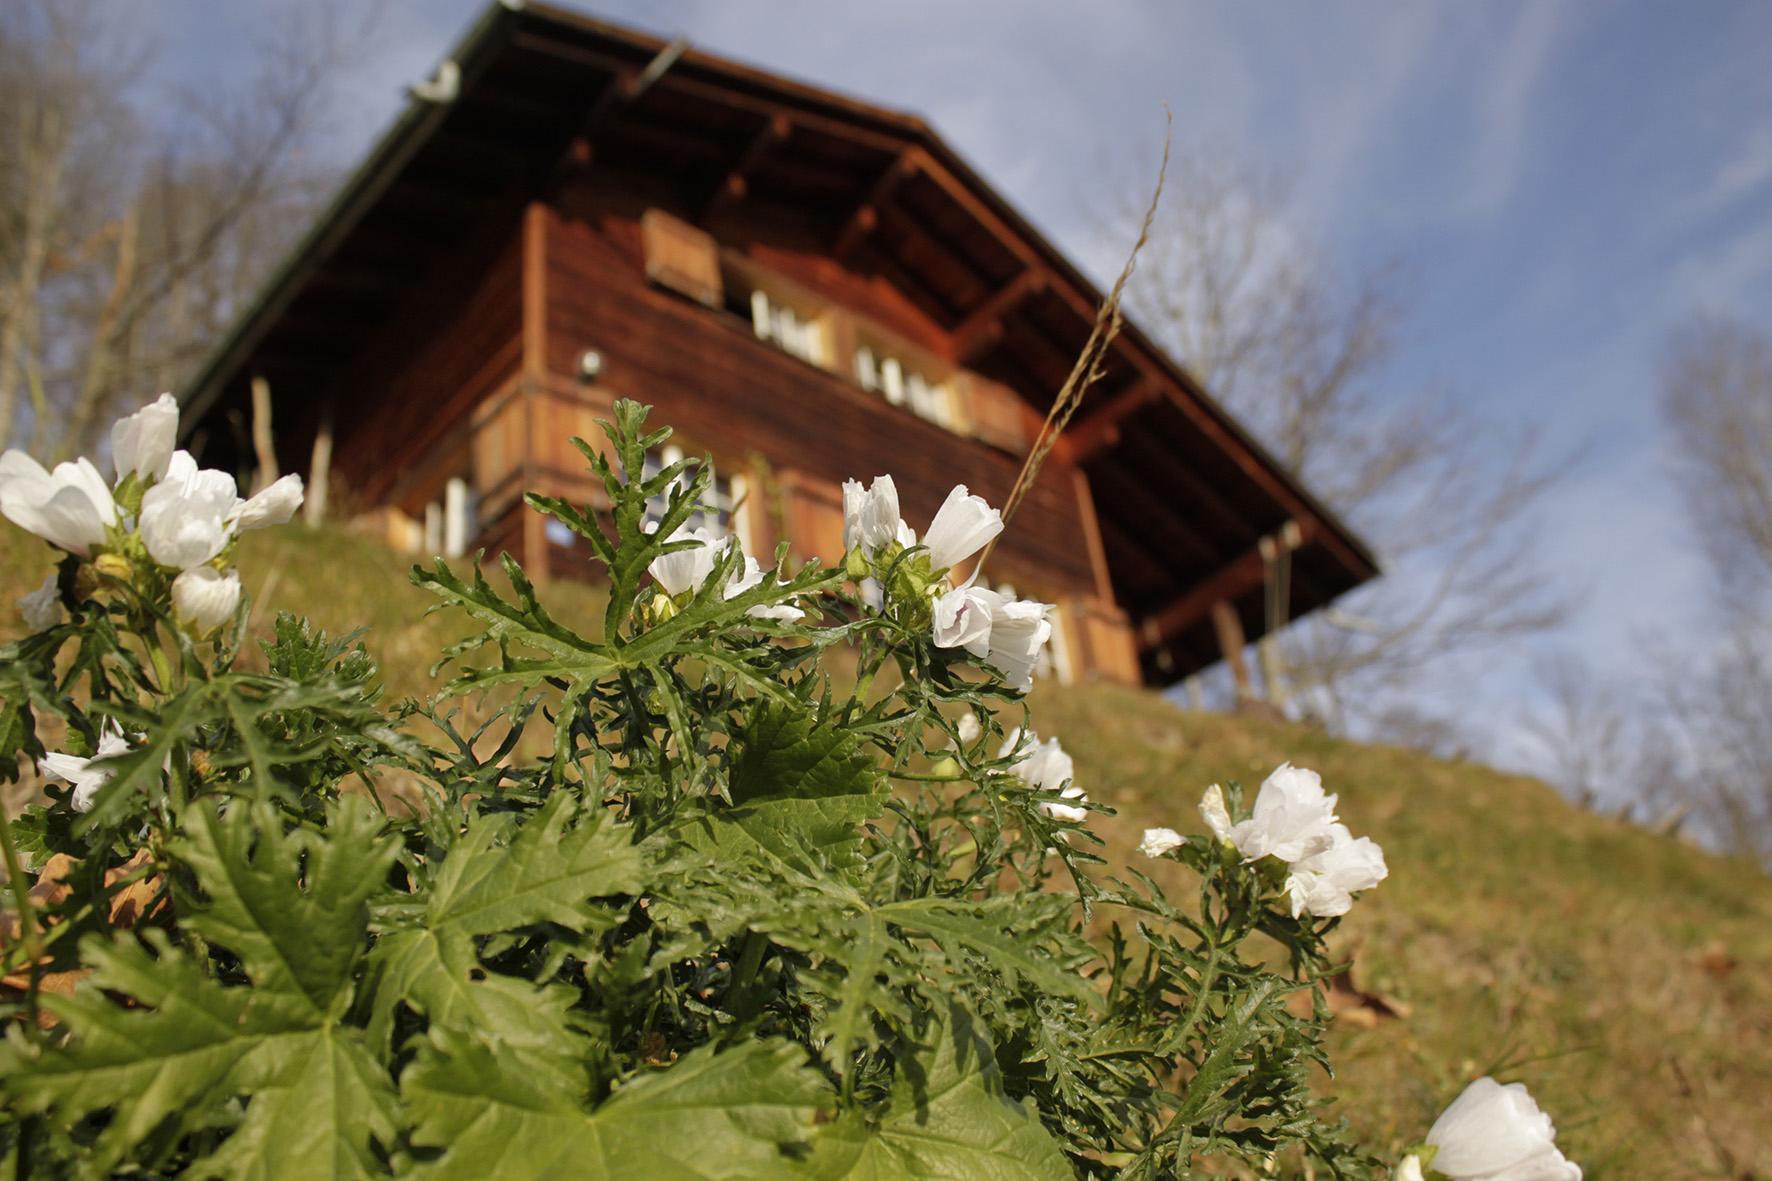 Weissenberge Erlebnis Blumen